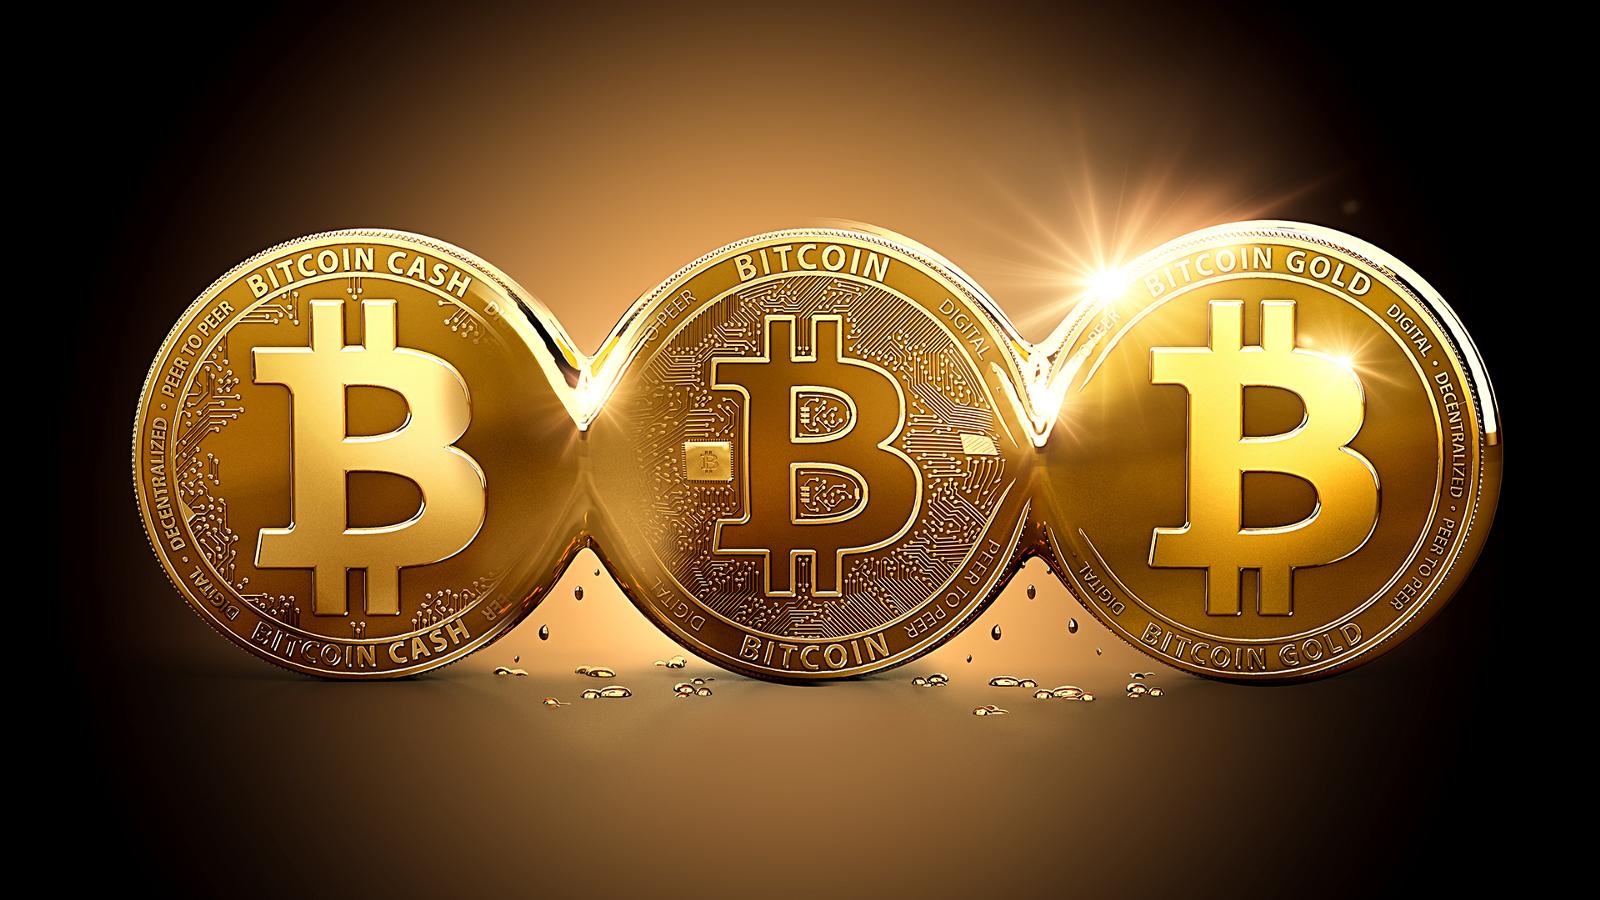 cum să câștigi bitcoin cum să câștigi bitcoin cele mai bune opțiuni binare 2020